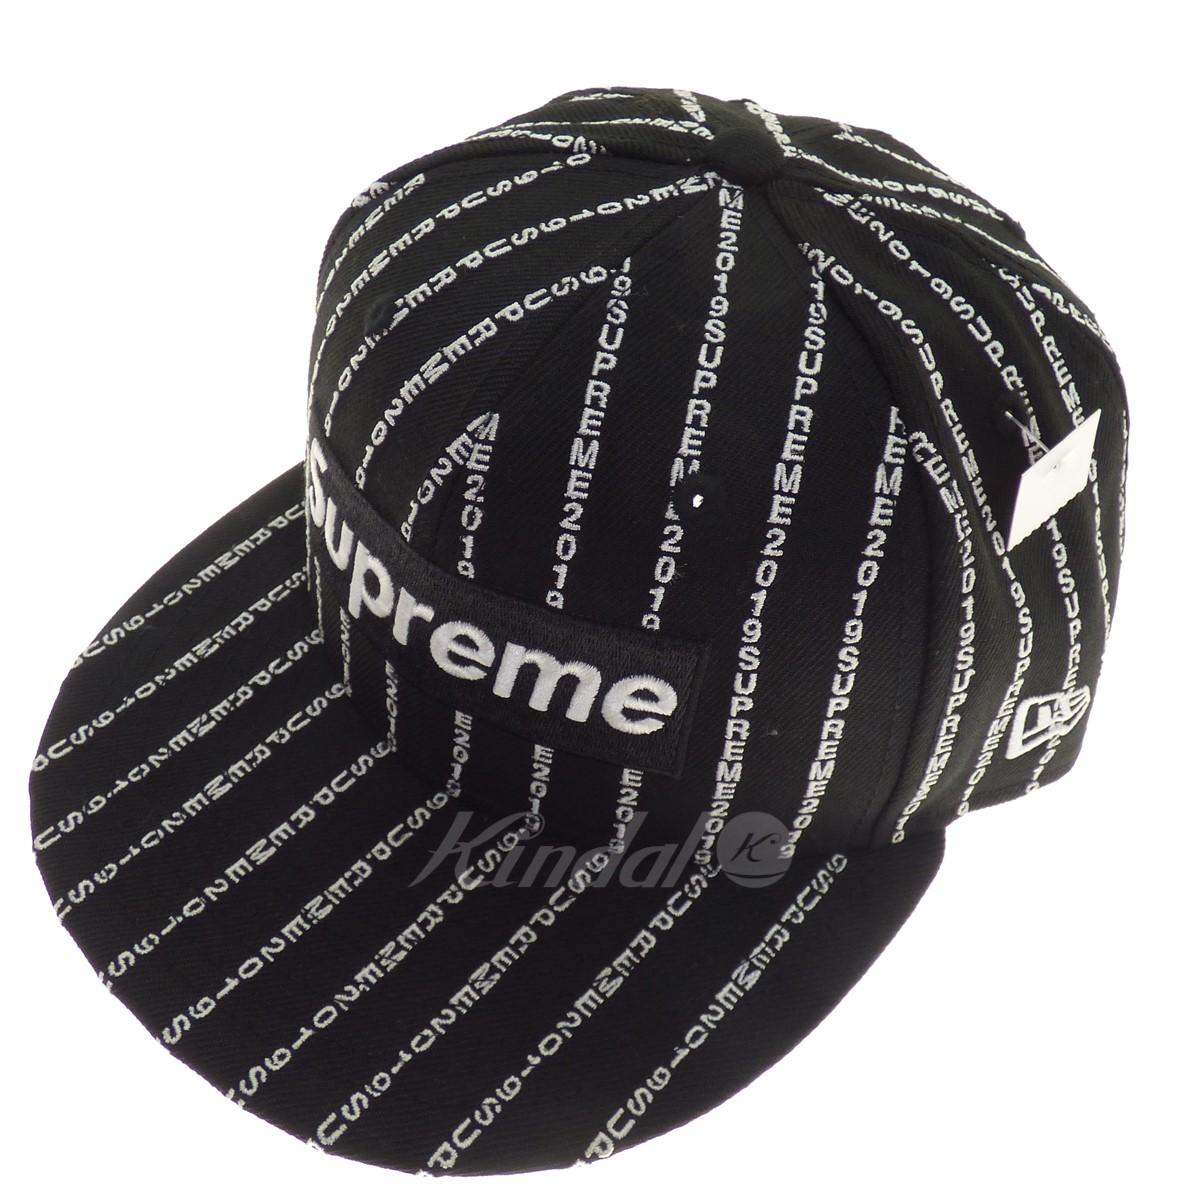 【中古】SUPREME×NEWERA 【2019S/S】Text Stripe New Era ブラック サイズ:7 1/4 【送料無料】 【110319】(シュプリーム×ニューエラ)